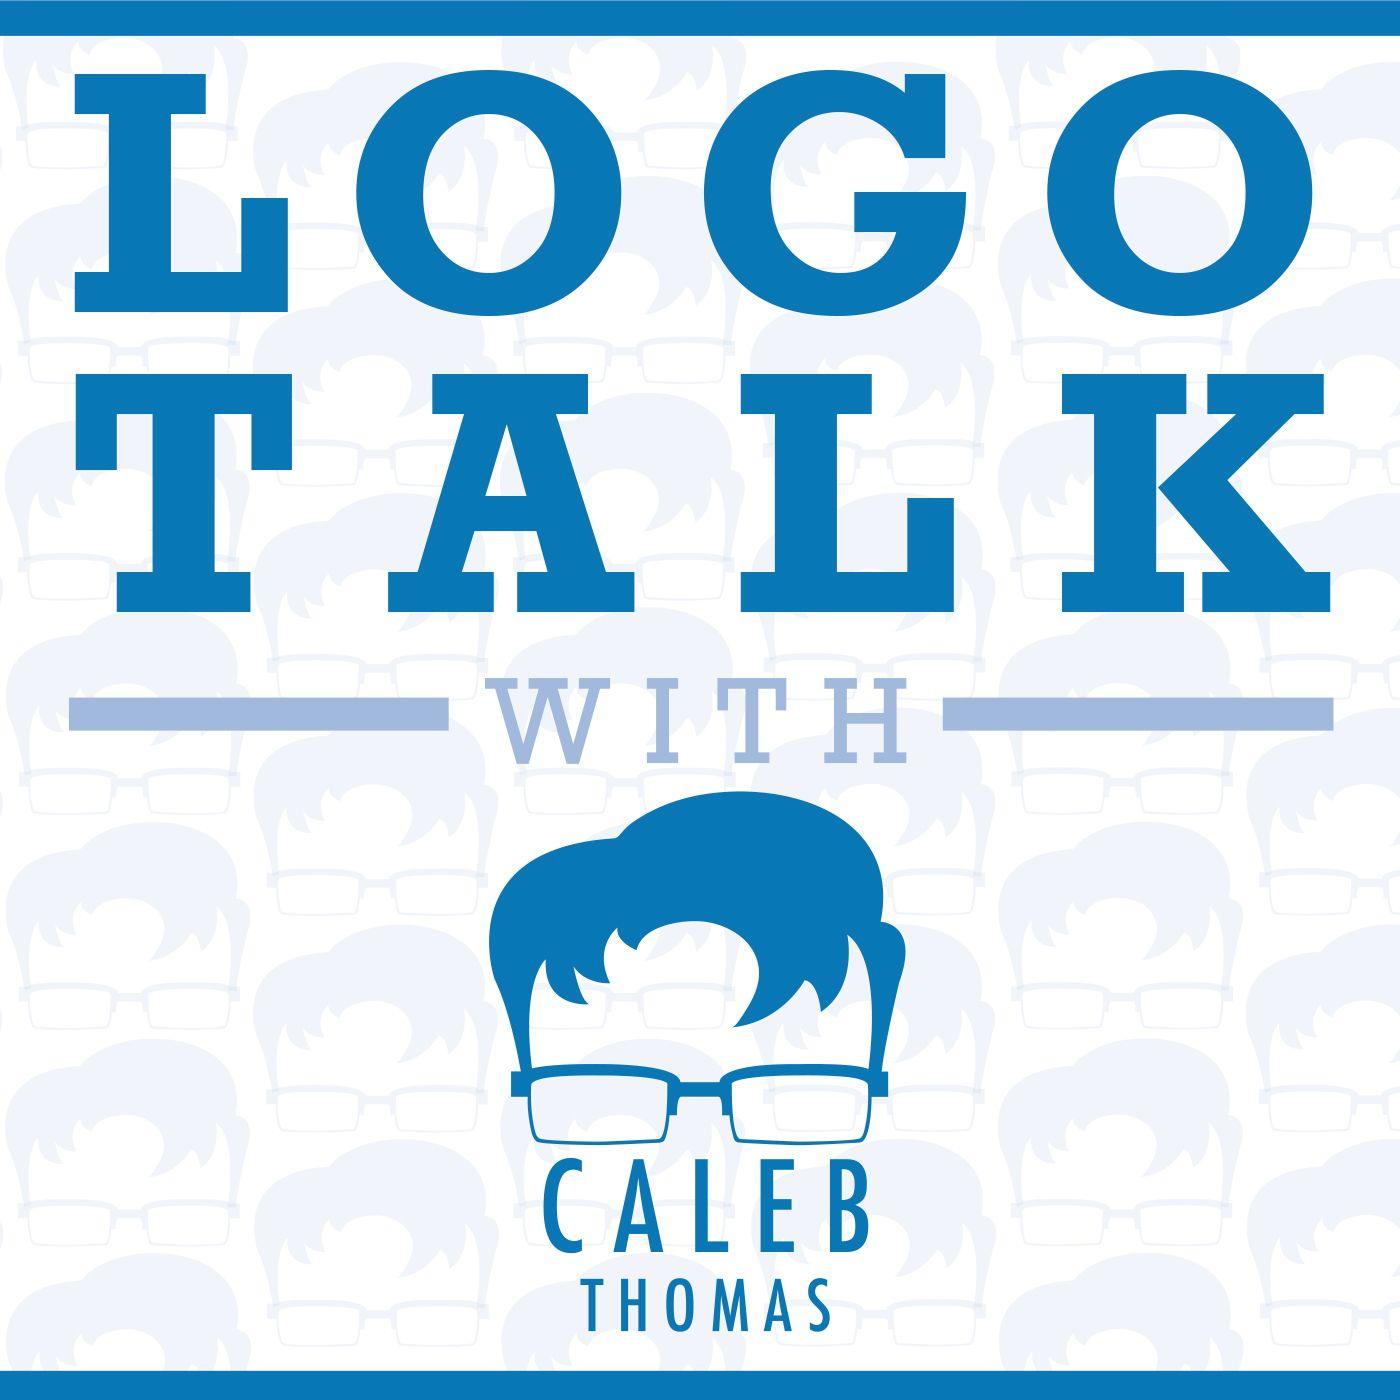 Caleb Thomas